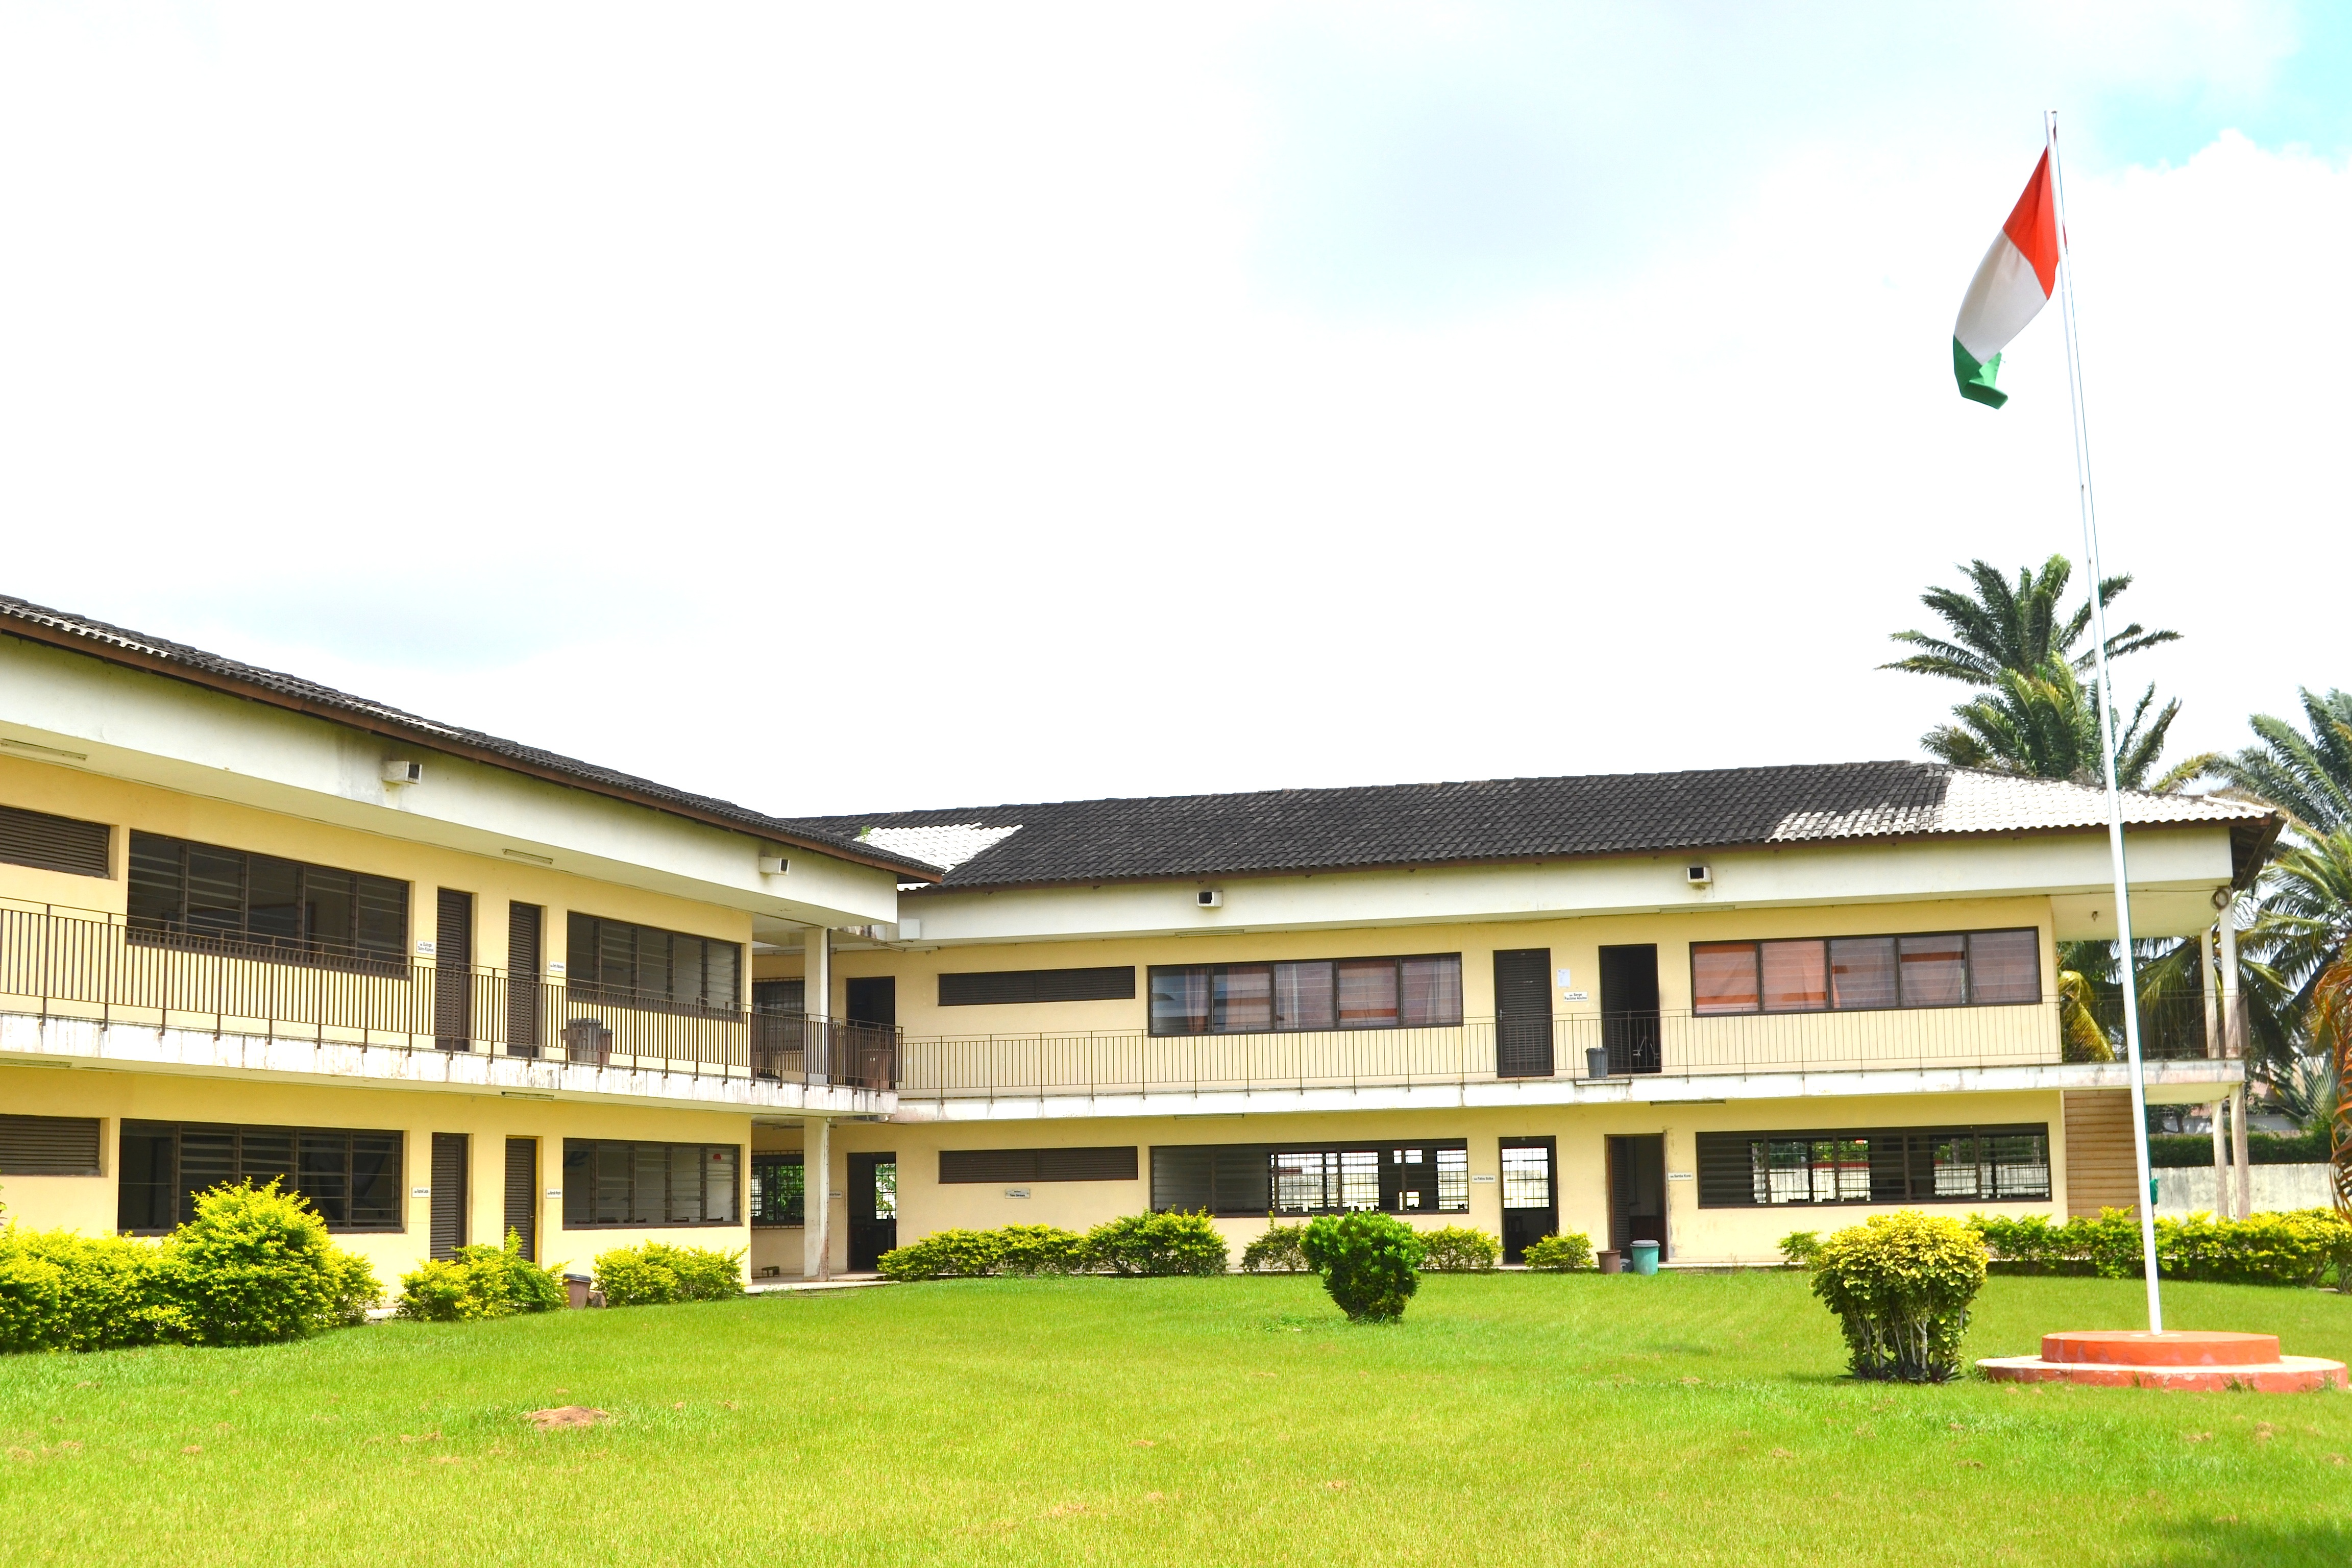 Як навчають журналістики в Кот-д'Івуарі